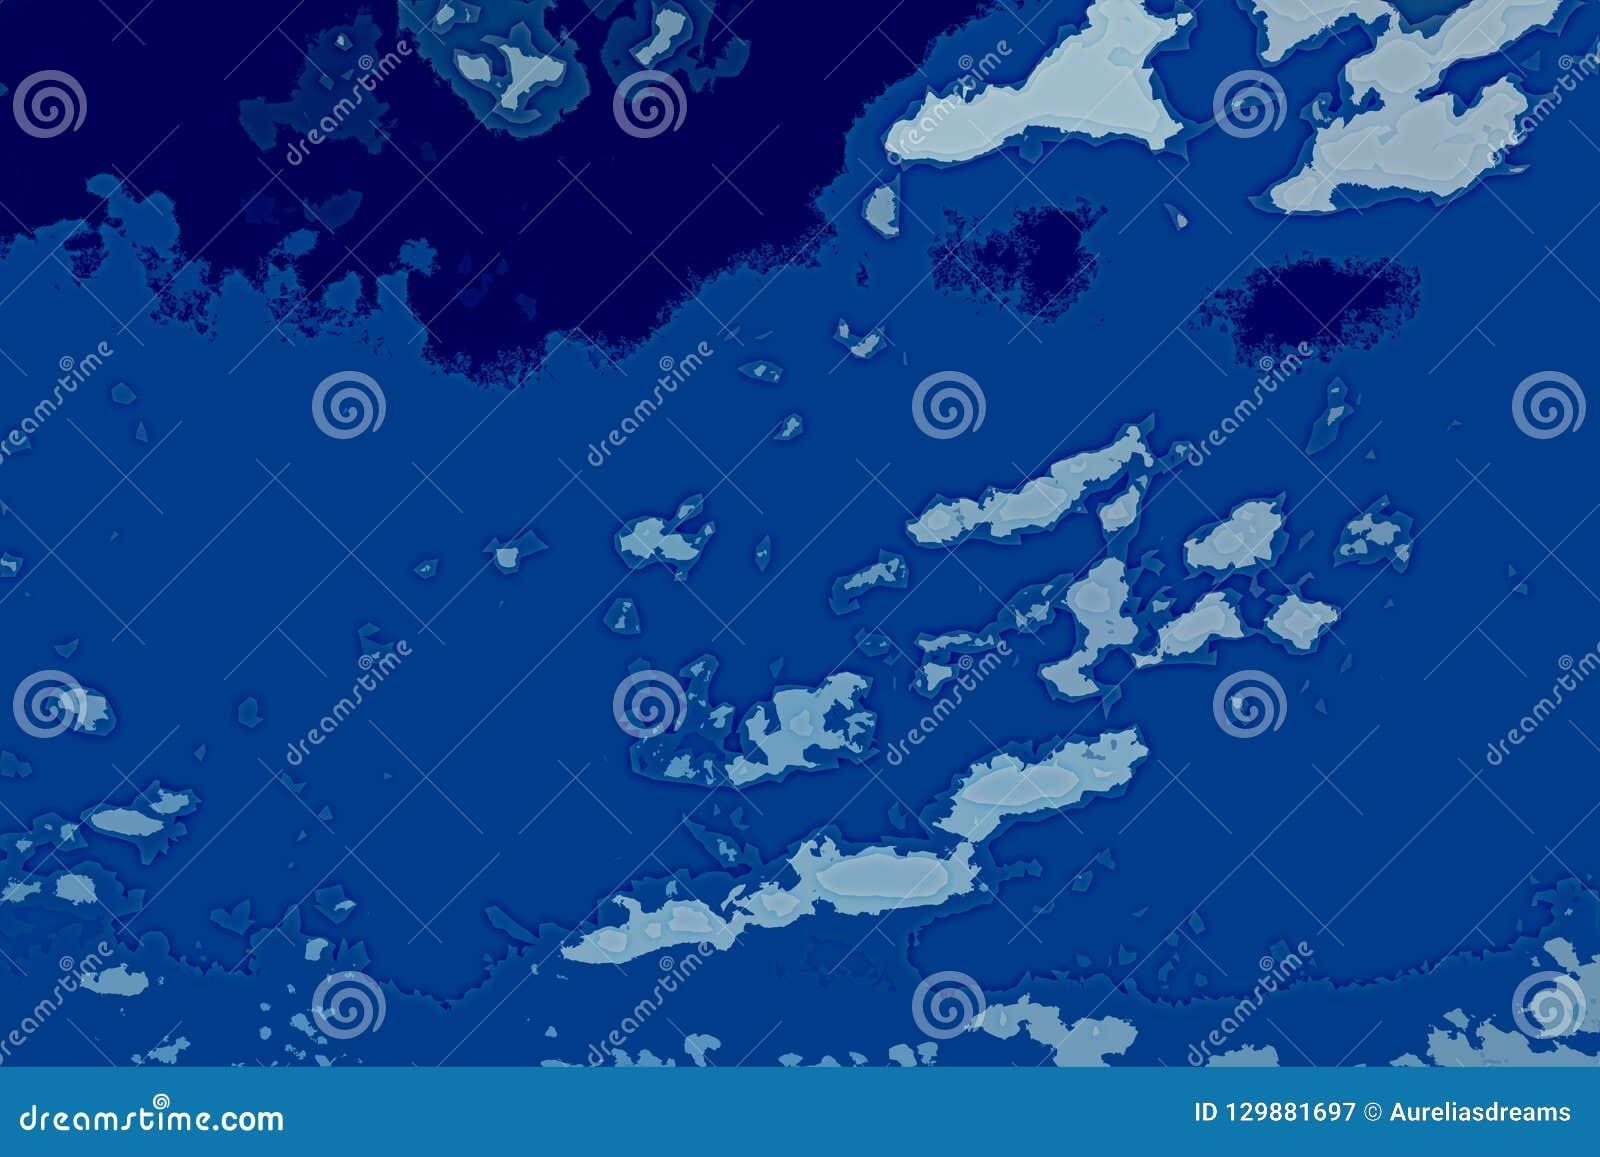 Weiße und blaue abstrakte Hintergrundbeschaffenheit Fantasiekarte mit Nordküstenlinie, Meer, Ozean, Eis, Berge, Wolken